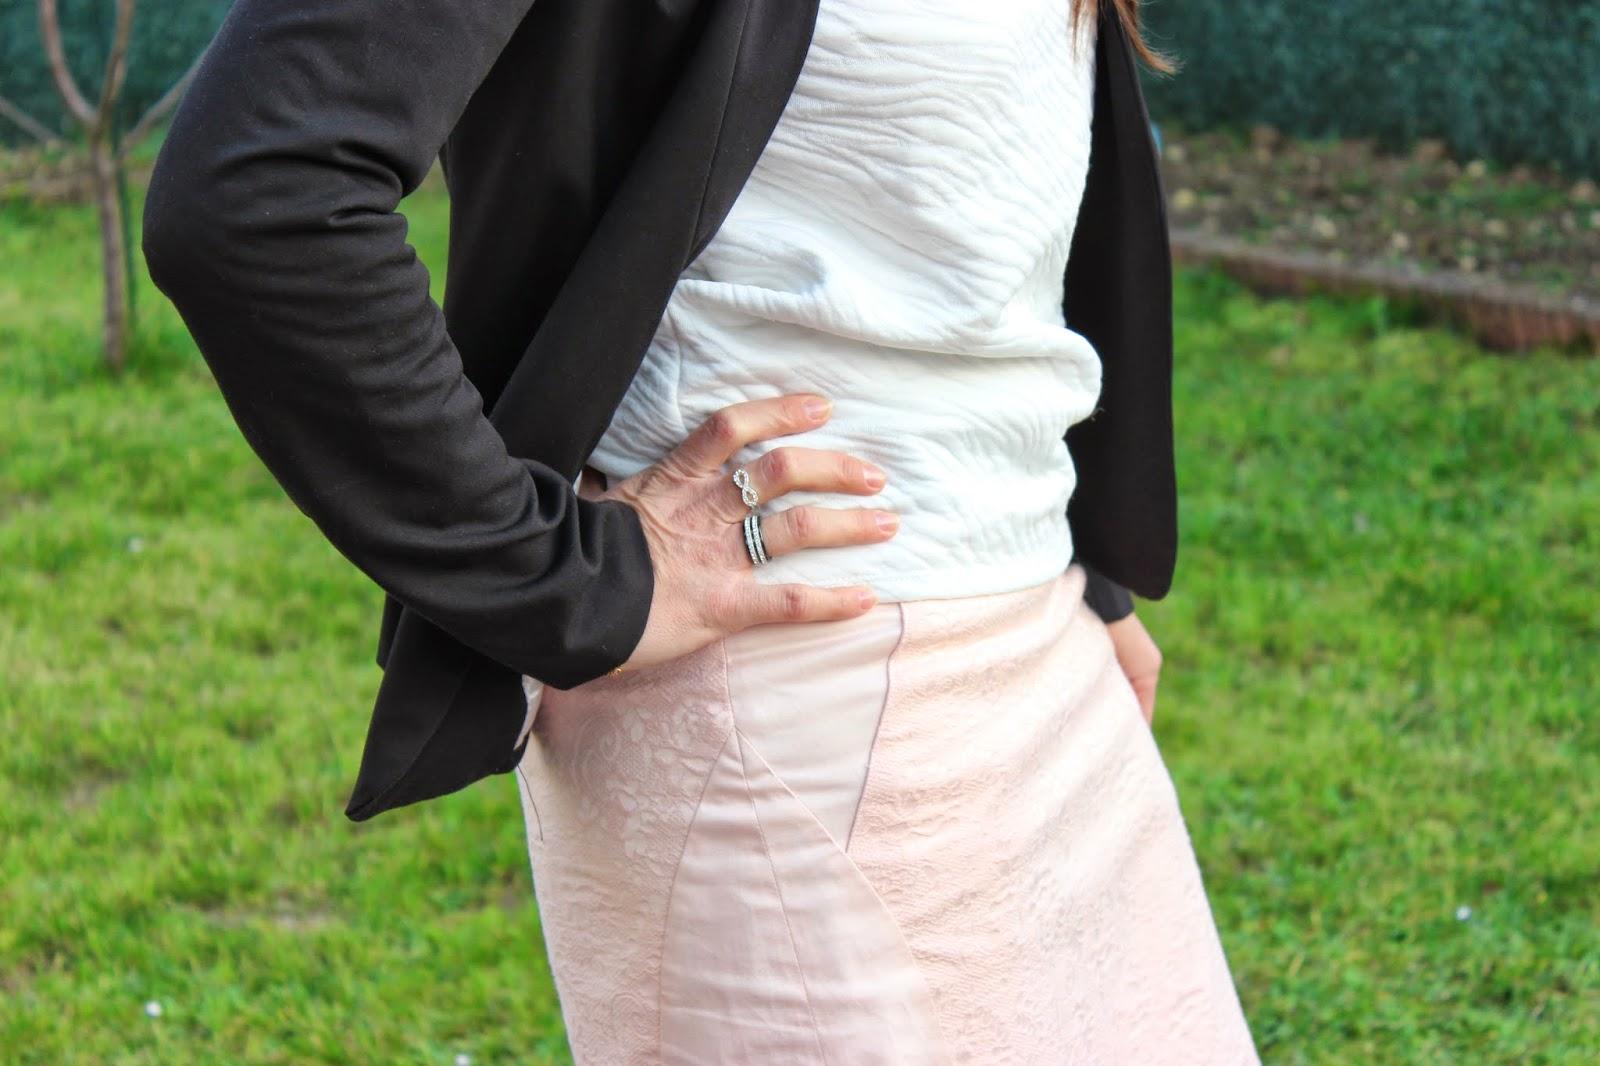 Jupe rose Naf naf, bottine, veste noire persumall